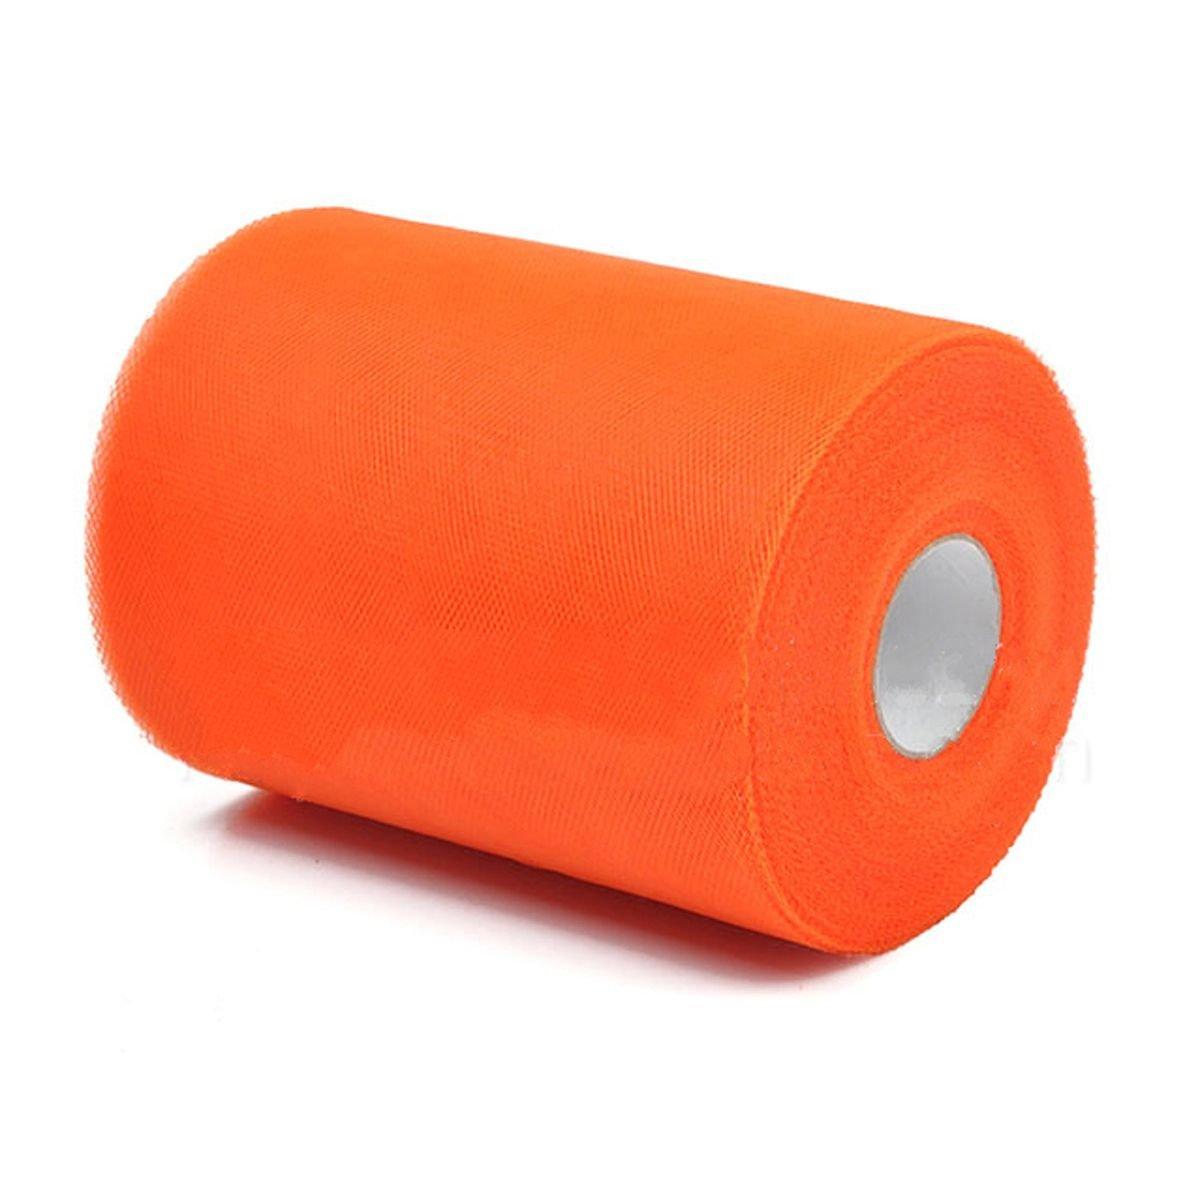 SODIAL(R) Soft 6x100yd Tulle Roll Spool Wedding Craft Bridal Wrap Party Decor 6x300' New Orange SPAGT45770